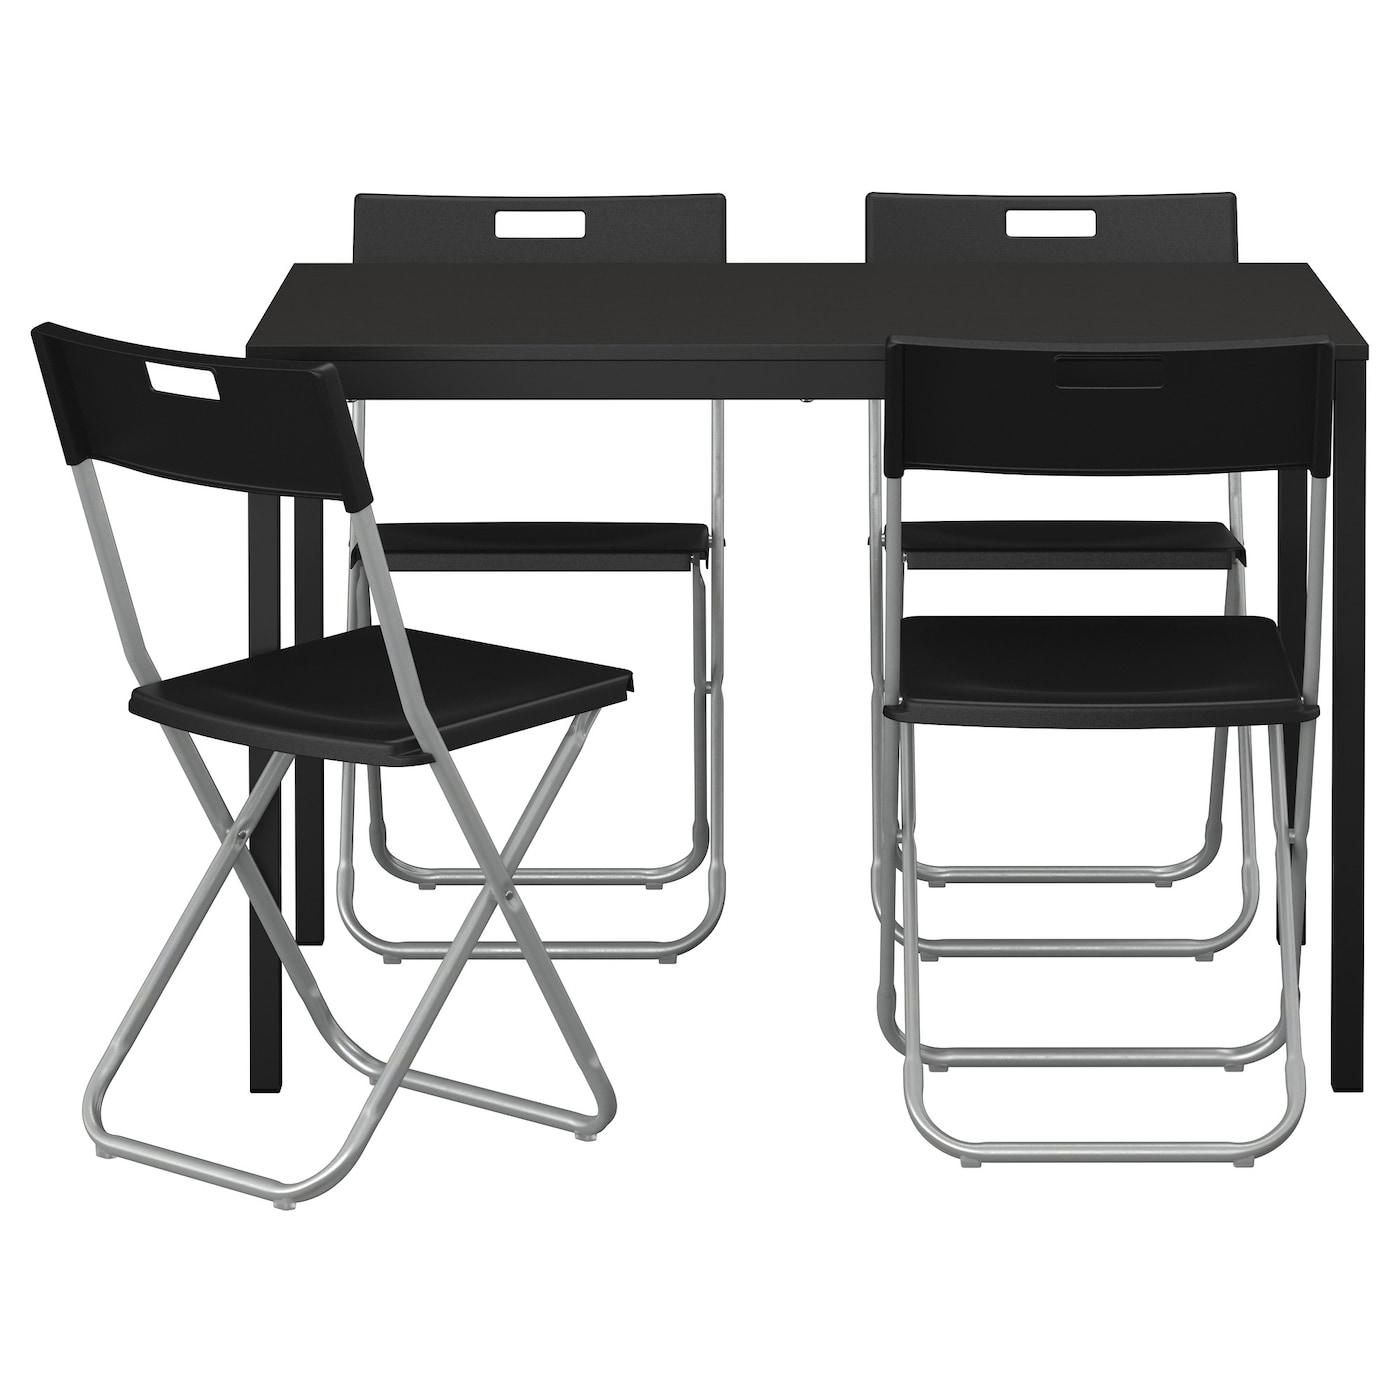 TÄRENDÖ GUNDE Bord och 4 stolar svart 110 cm